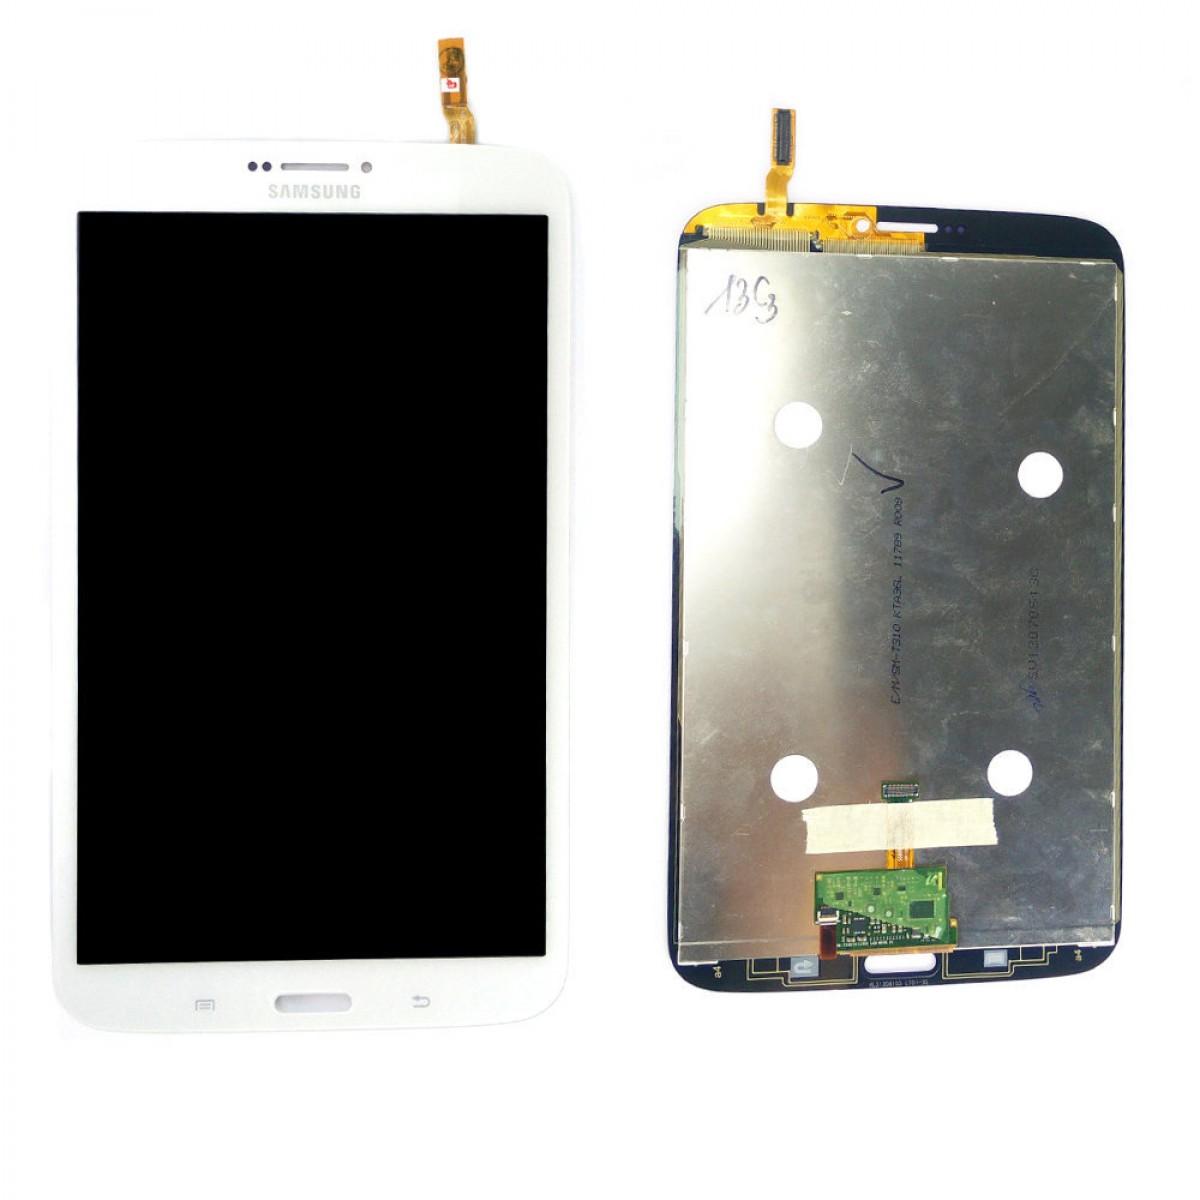 Galaxy tab 3 8.0 coupon